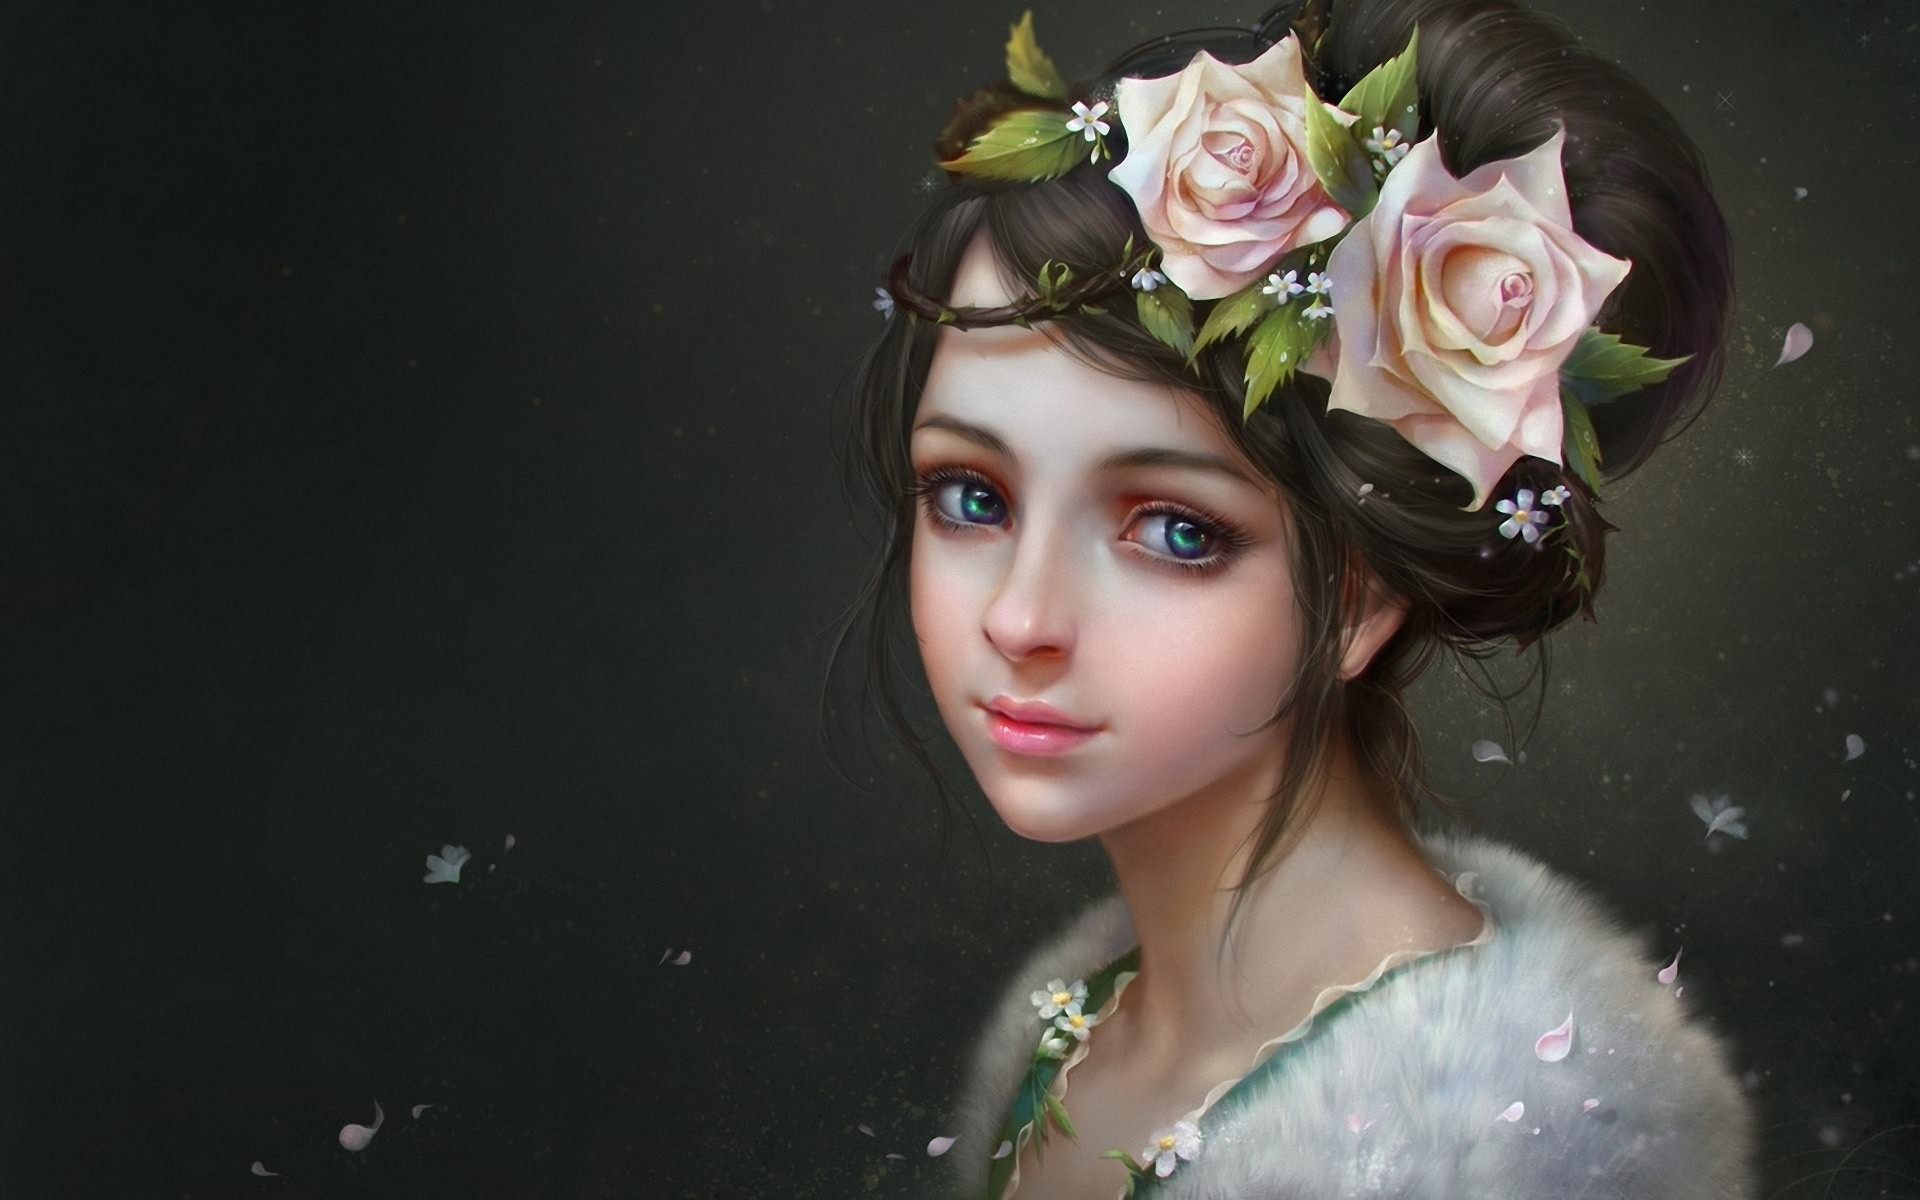 девушка, волосы, цветы